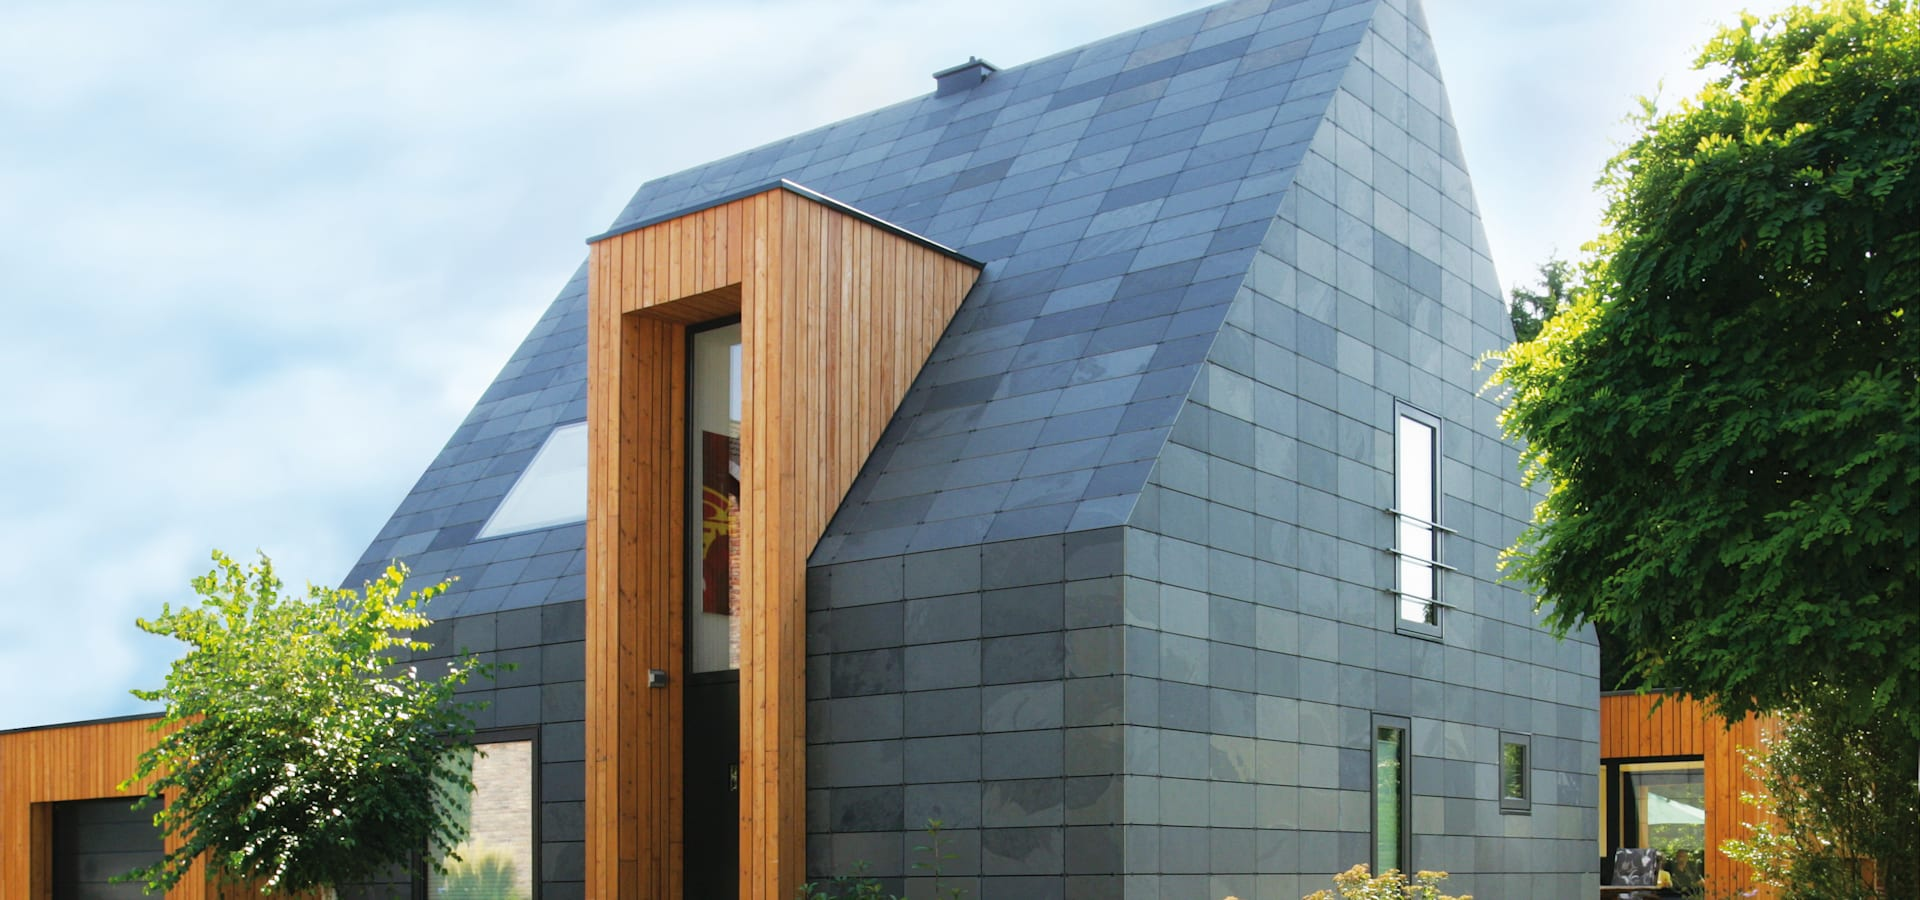 rathscheck schiefer und dach systeme zn der wilh werhahn kg neuss fassade und dach aus. Black Bedroom Furniture Sets. Home Design Ideas